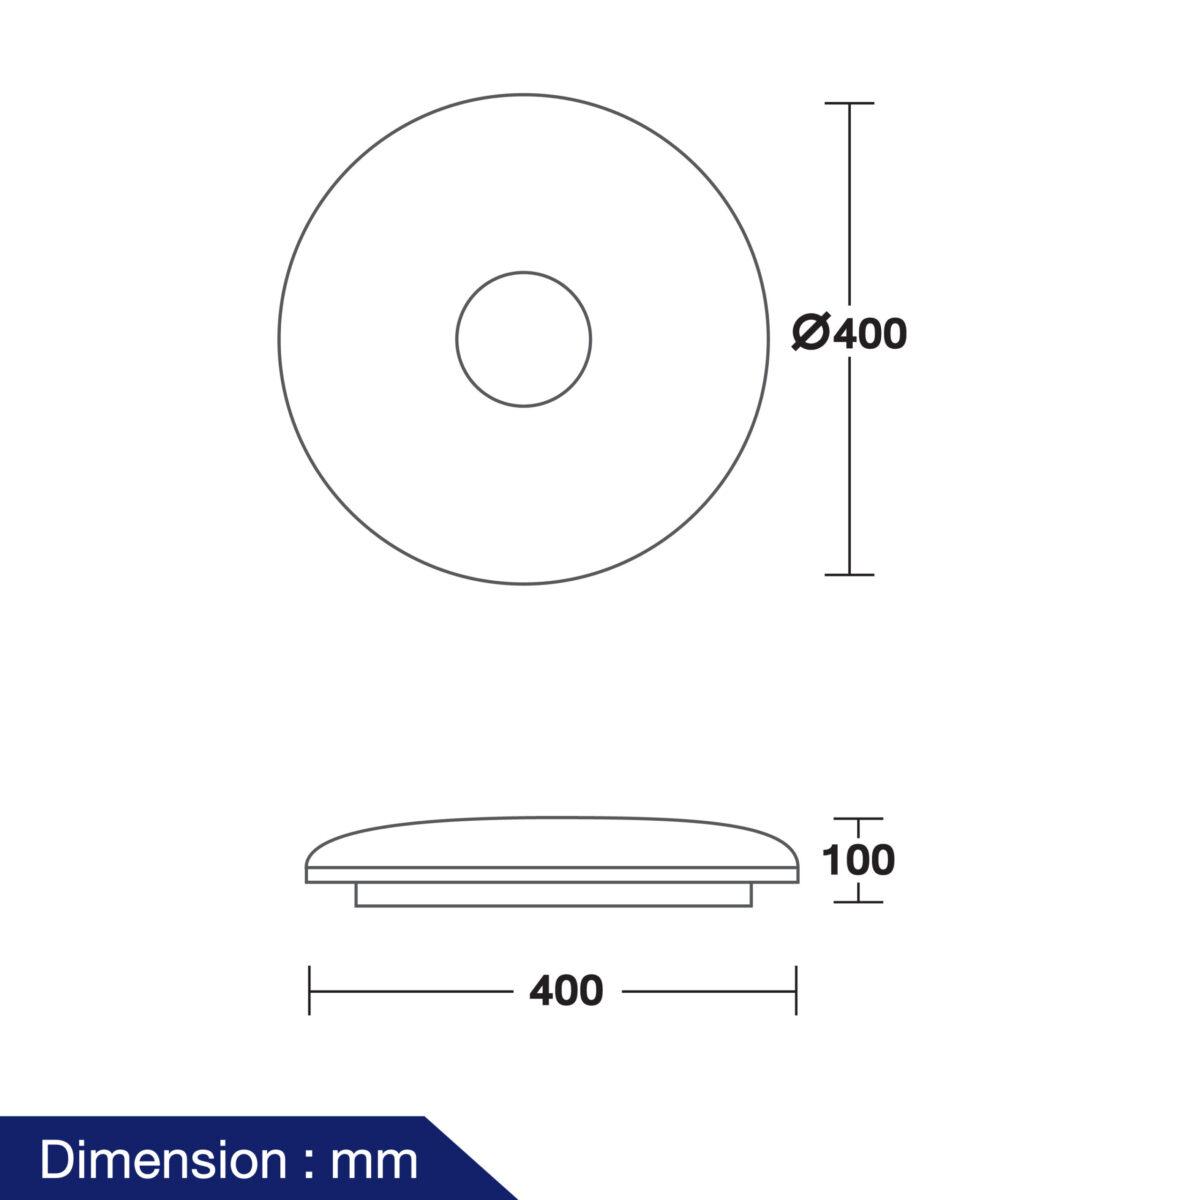 โคมไฟติดเพดาน LED รุ่น Neptune-02